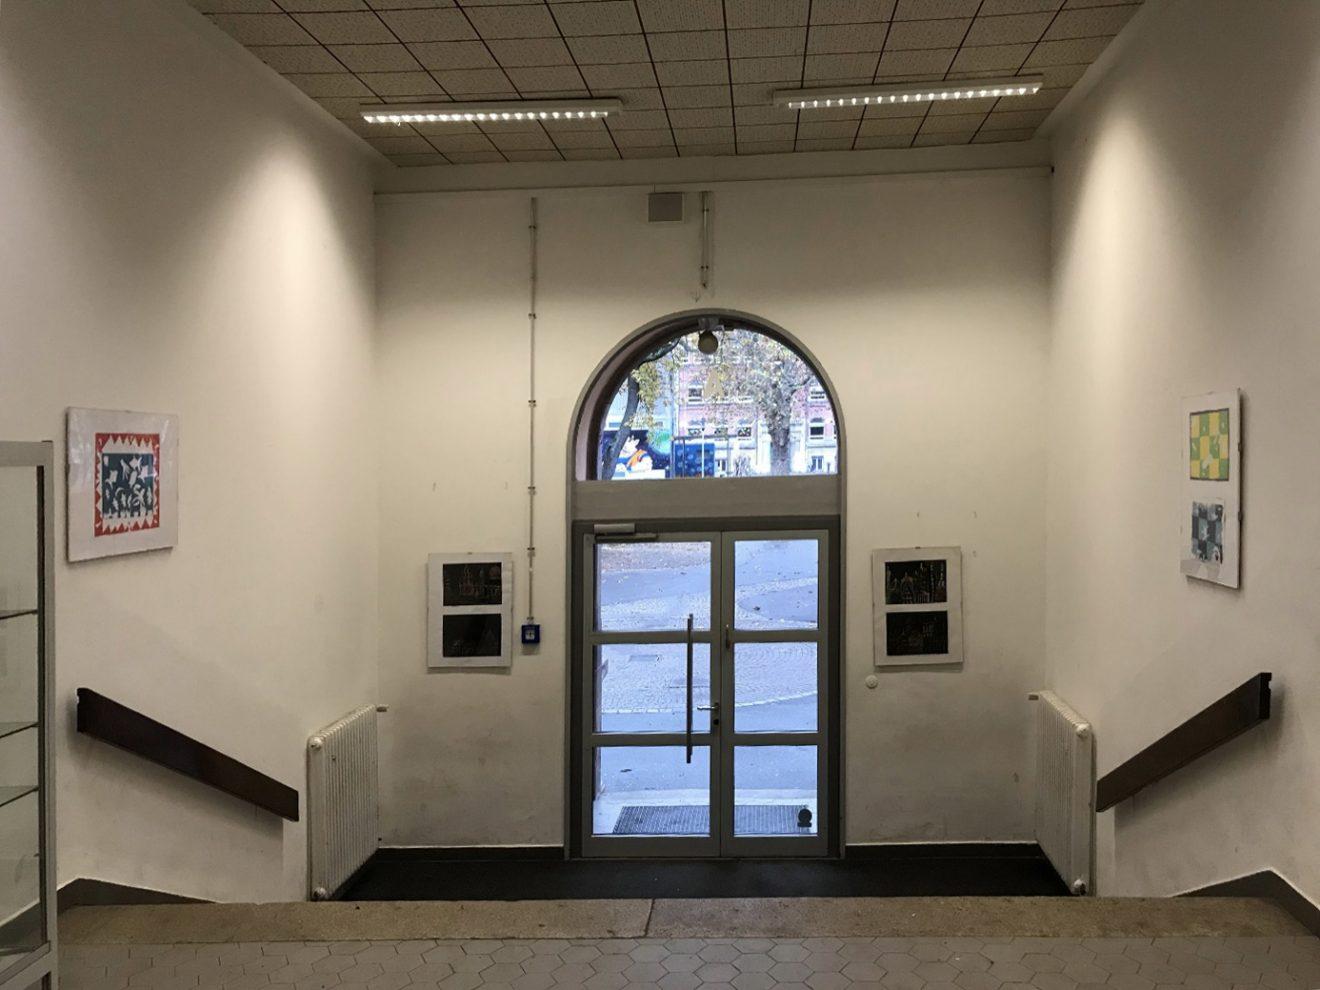 Beginn der Sanierungsarbeiten an der Ganztagesschule in Esslingen